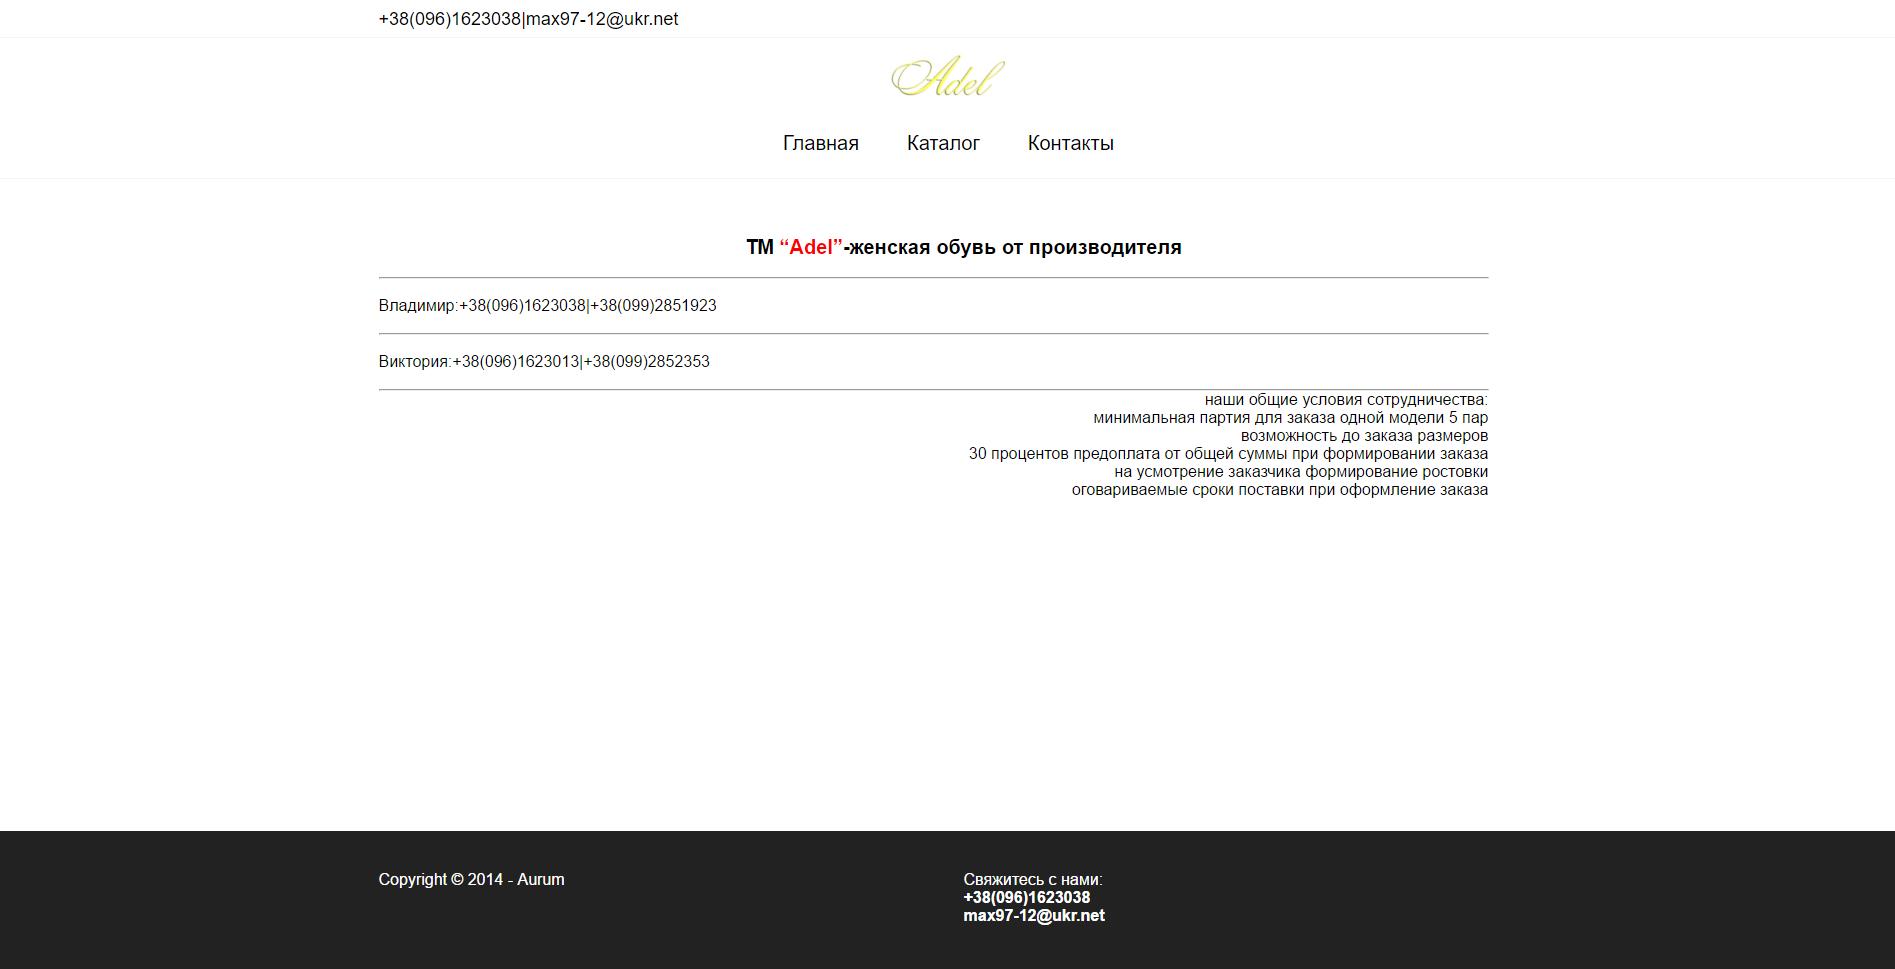 Обновление! Конкурс Telegram на HTML-шаблоны для платформы Instant View фото f_60659294ab0ca6f2.png